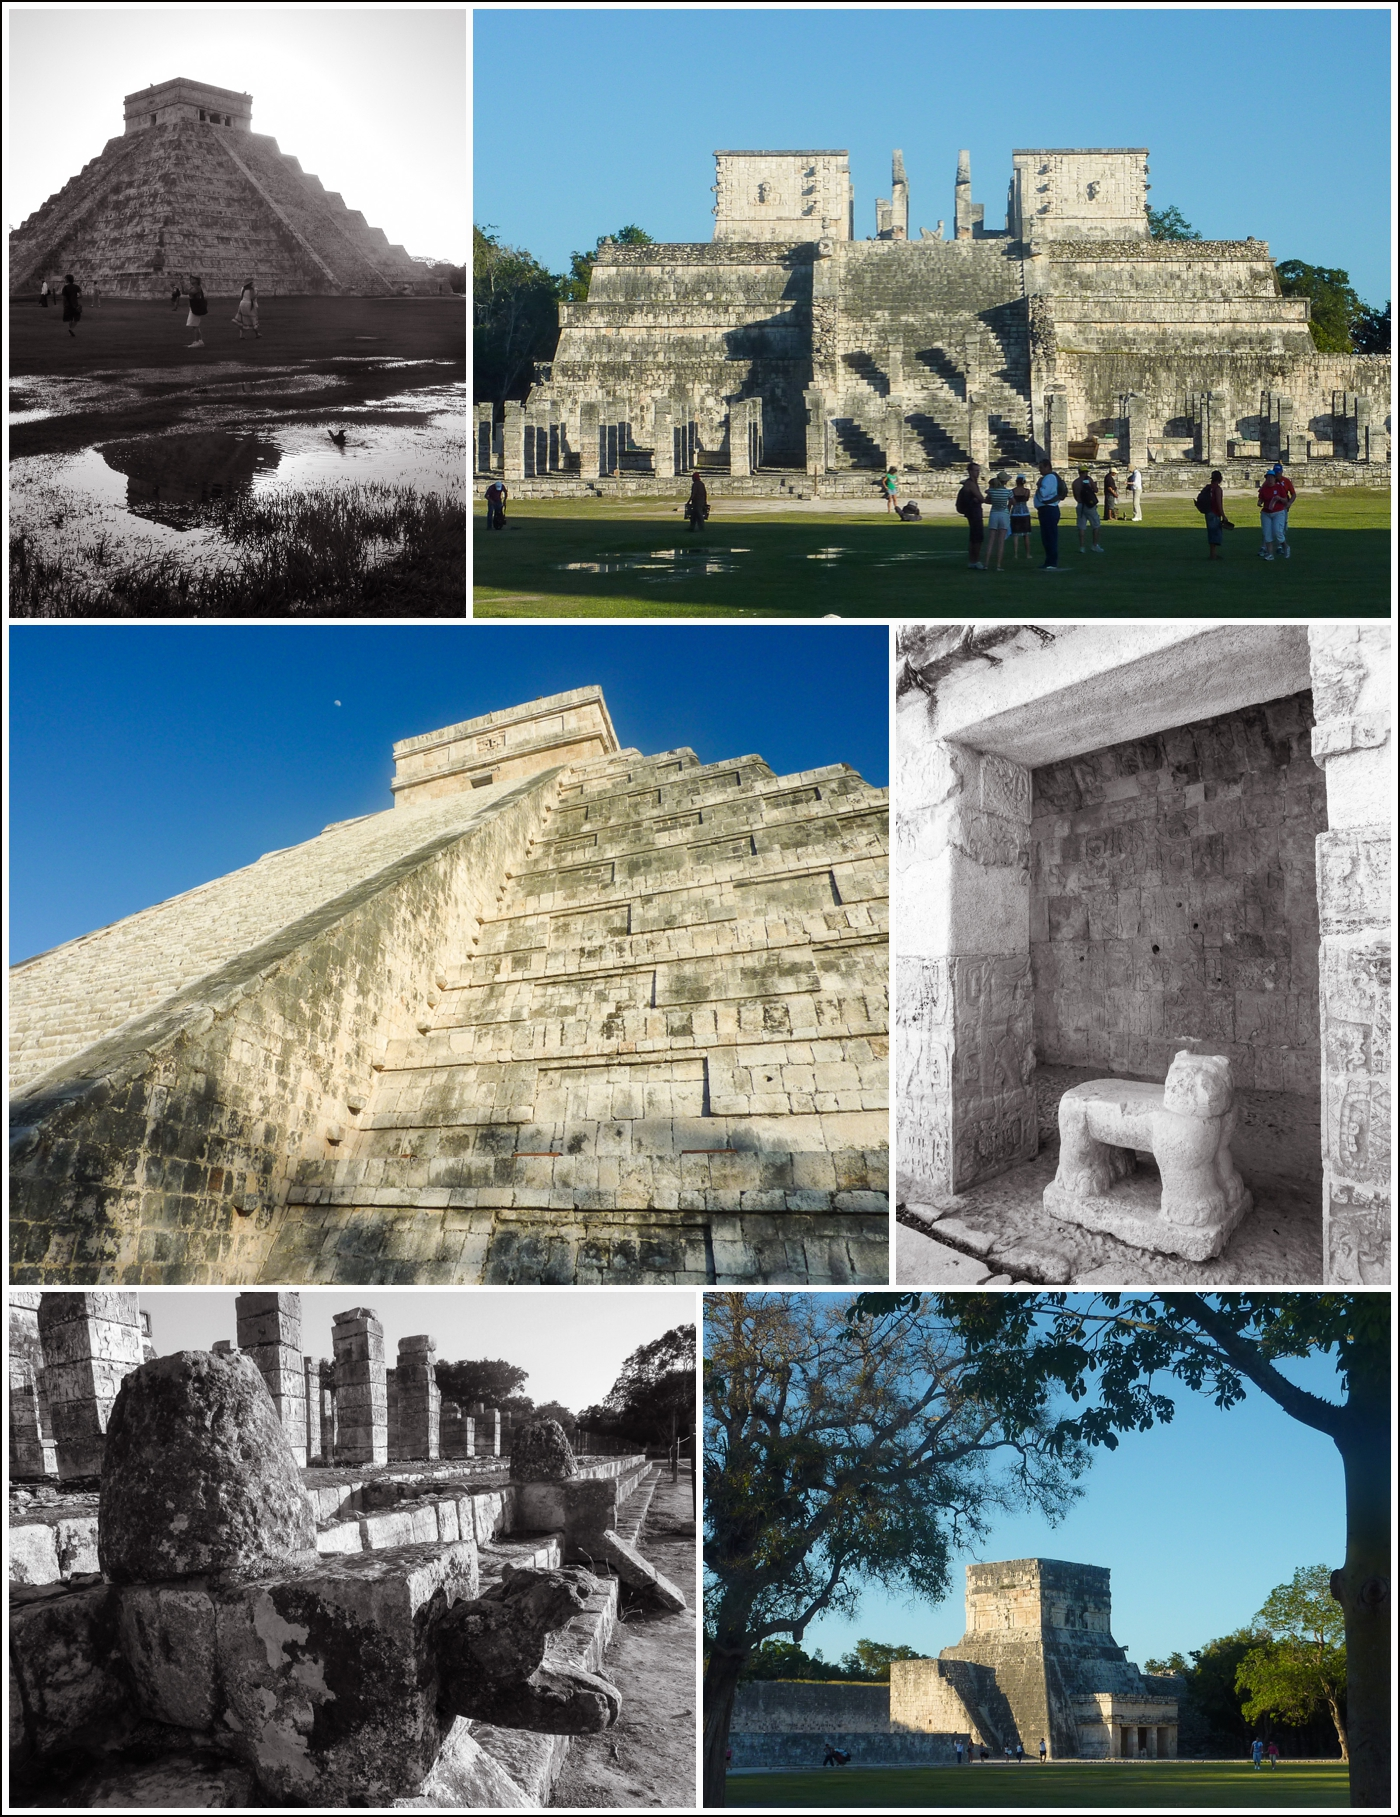 Chichen Itza mayaruin i Mexico